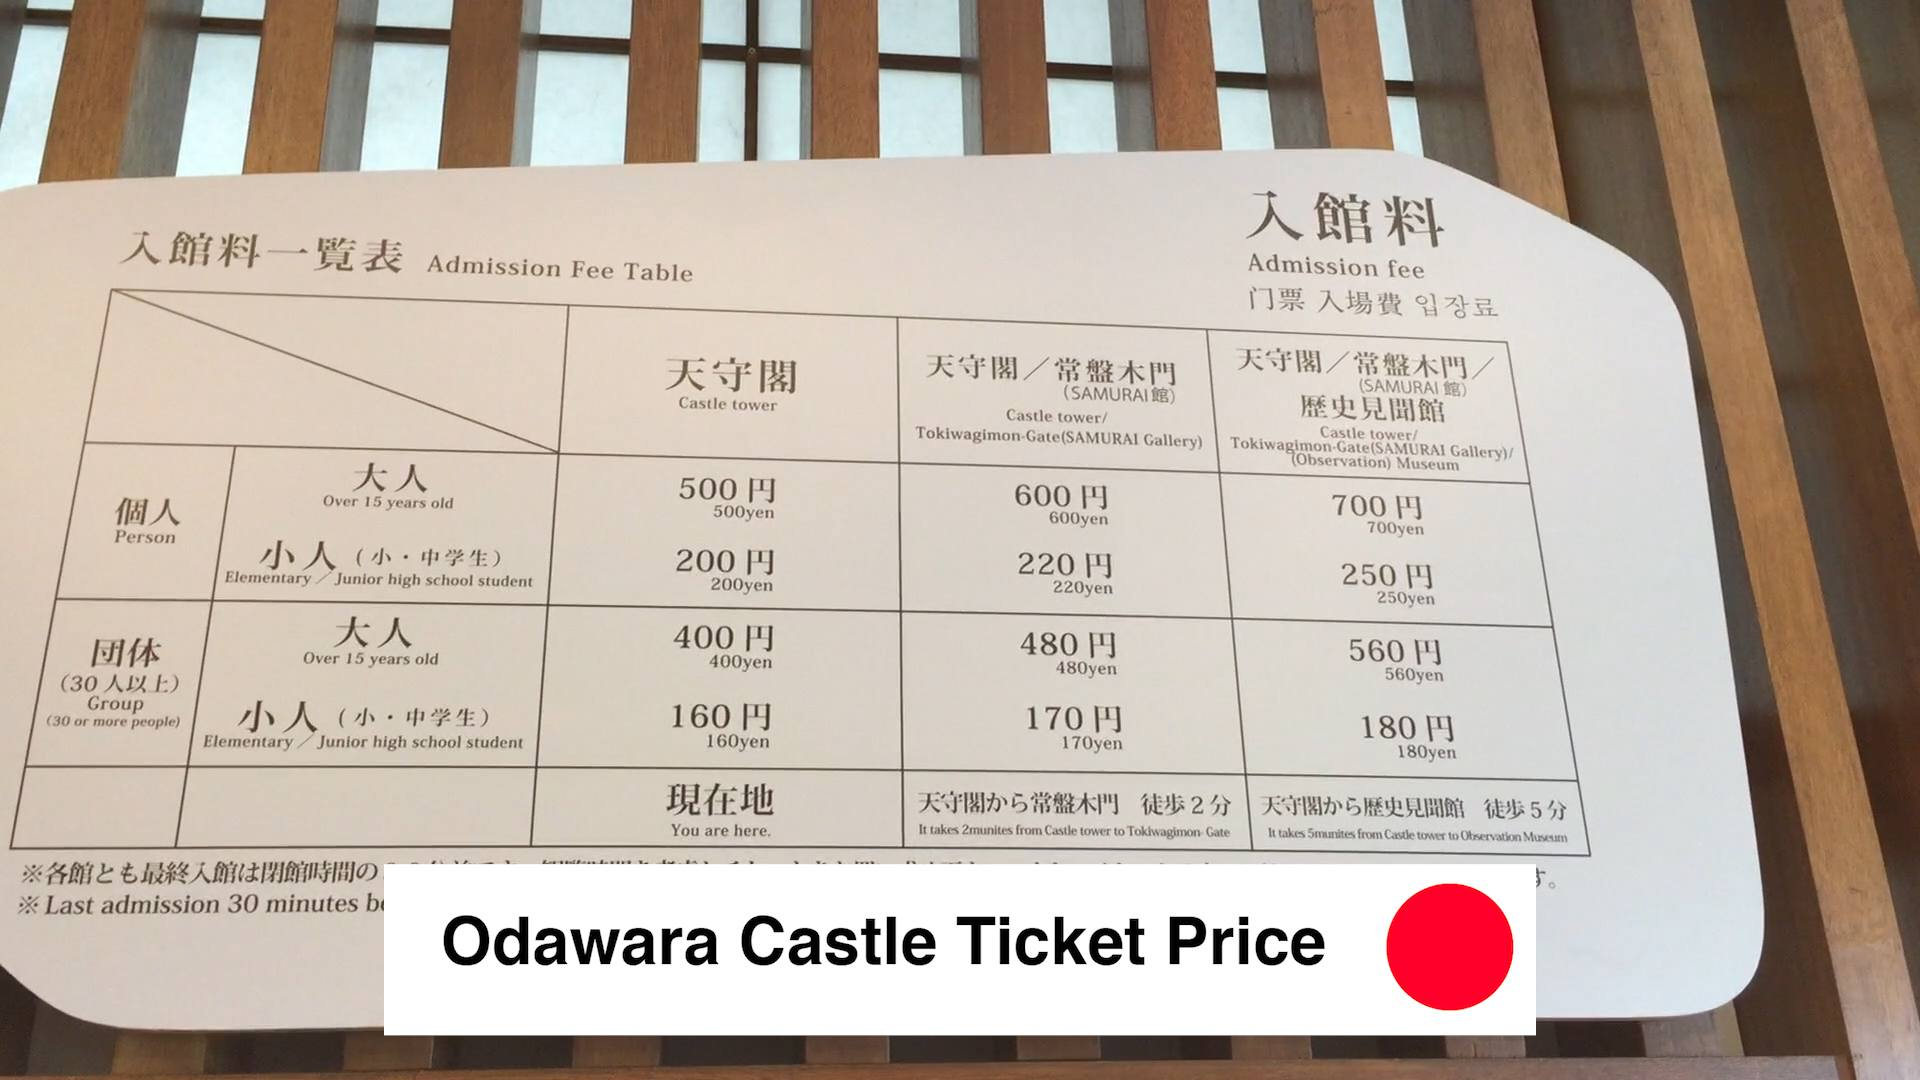 Odawara Castle Ticket Price - Odawara Castle Japan Guide Review Video - 9 Reasons To See Odawara Castle Kanagawa Japan 🇯🇵 🏯 🌸